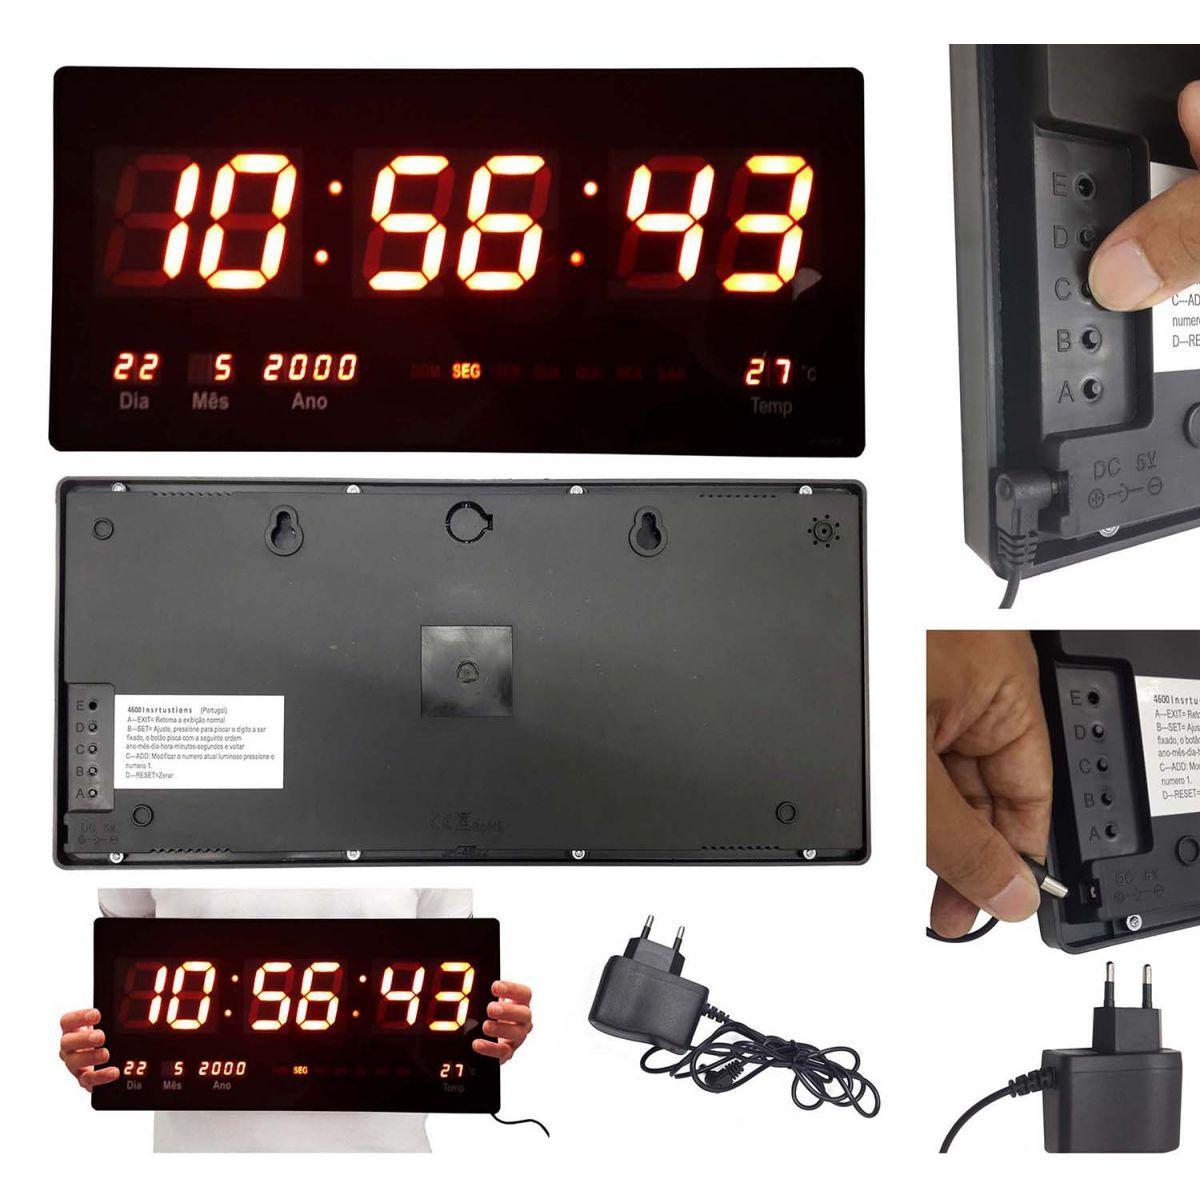 6beafb49d8c ... Relogio Digital Parede De Led Vermelho Alarme Data Hora Termo (REL-54)  ...